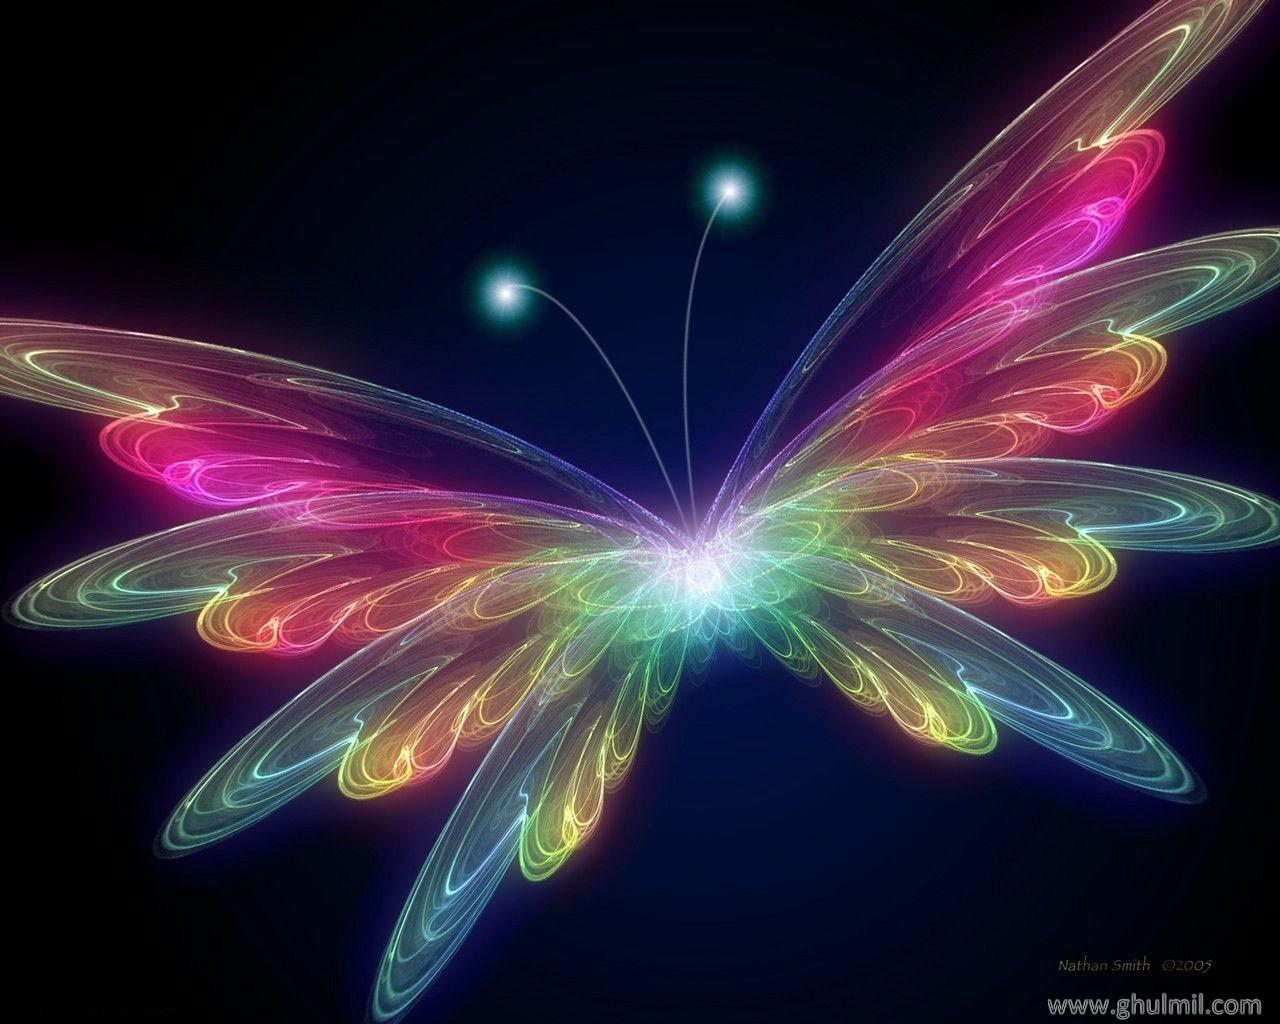 3D Butterfly wallpaper butterflies 31063788 1280 1024jpg 1280x1024